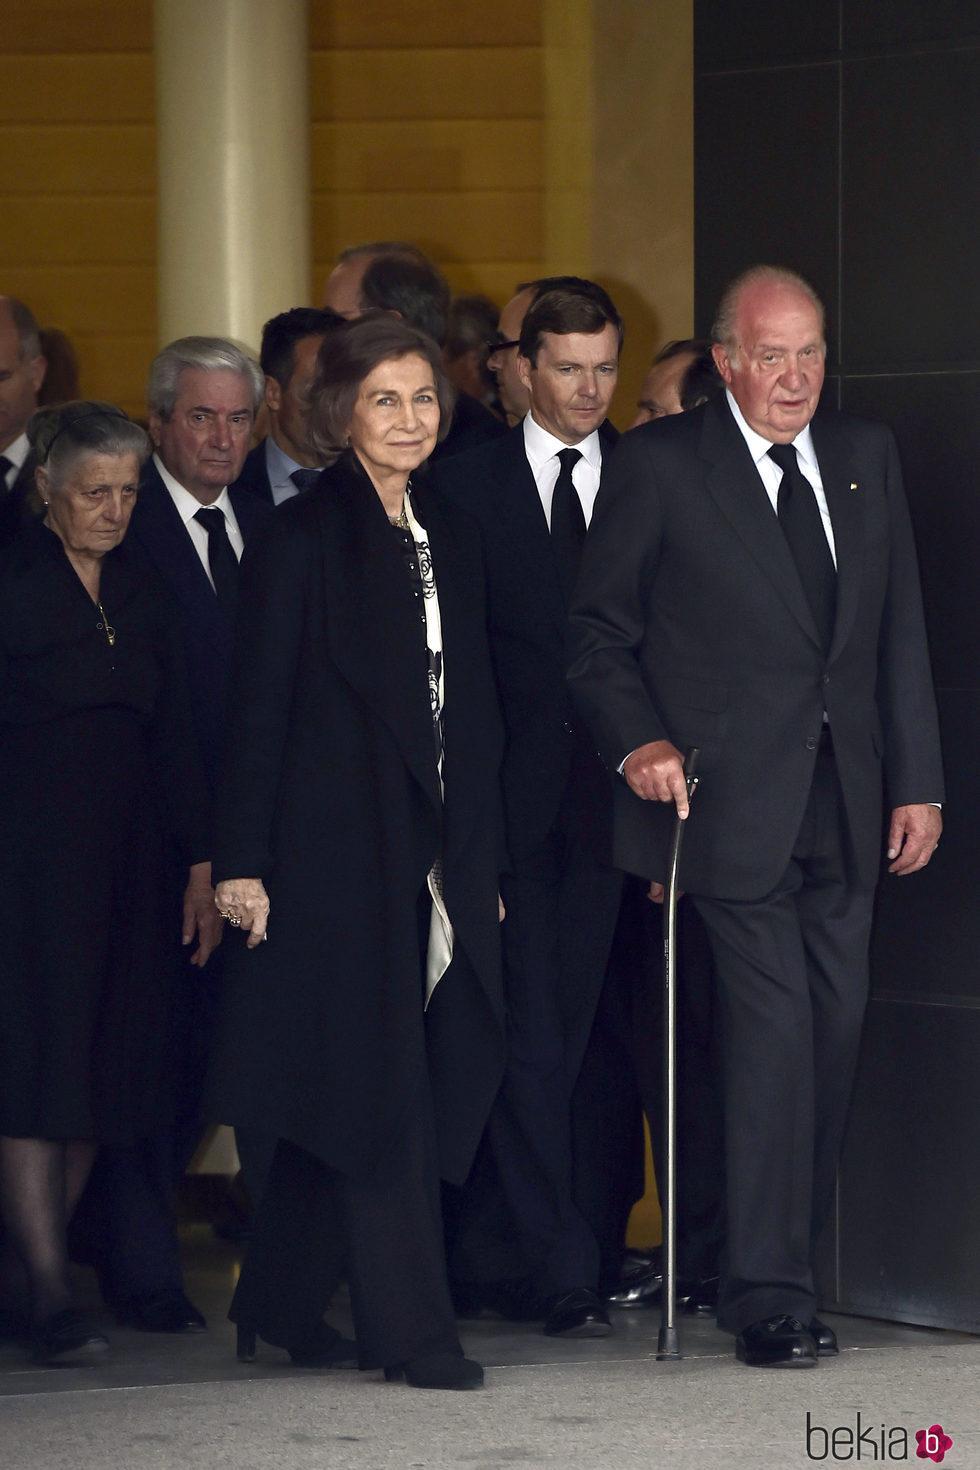 Los Reyes Juan Carlos y Sofía con el Duque de Calabria y los Marqueses de Laserna en la capilla ardiente de Alicia de Borbón-Parma